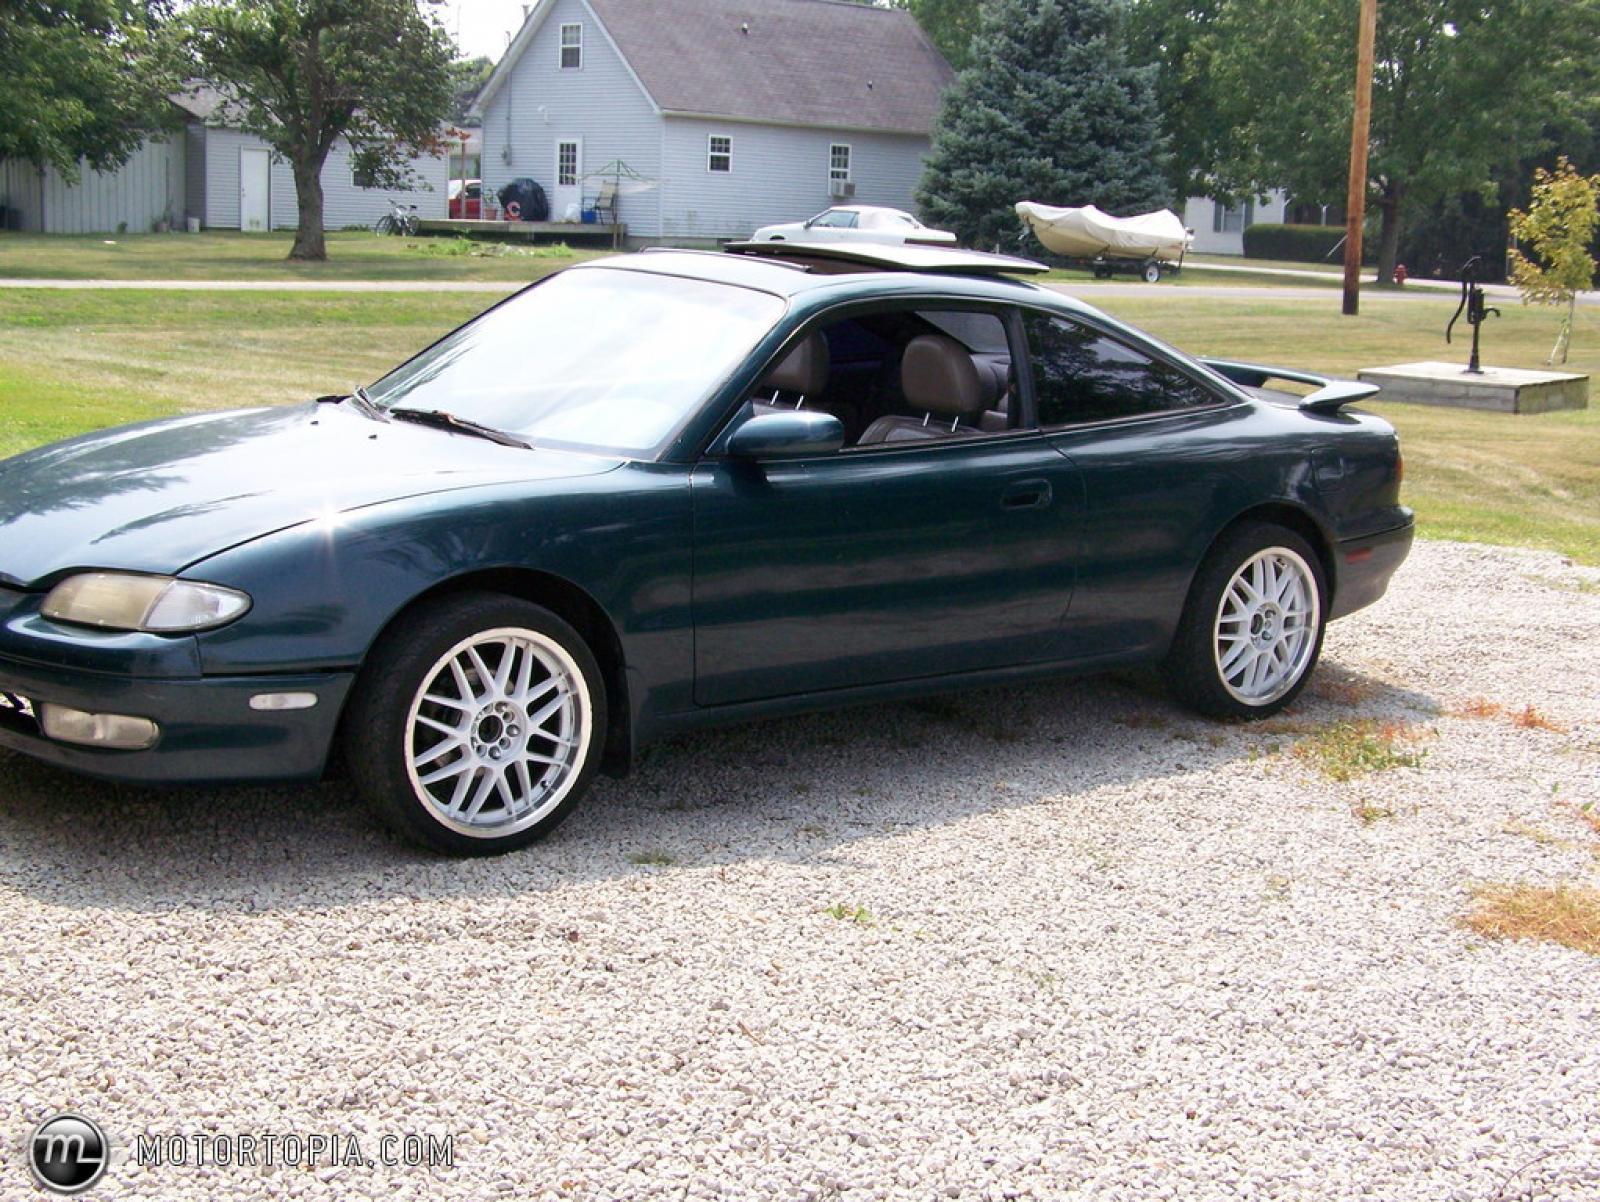 1993 Mazda MX-6 #1 800 1024 1280 1600 origin